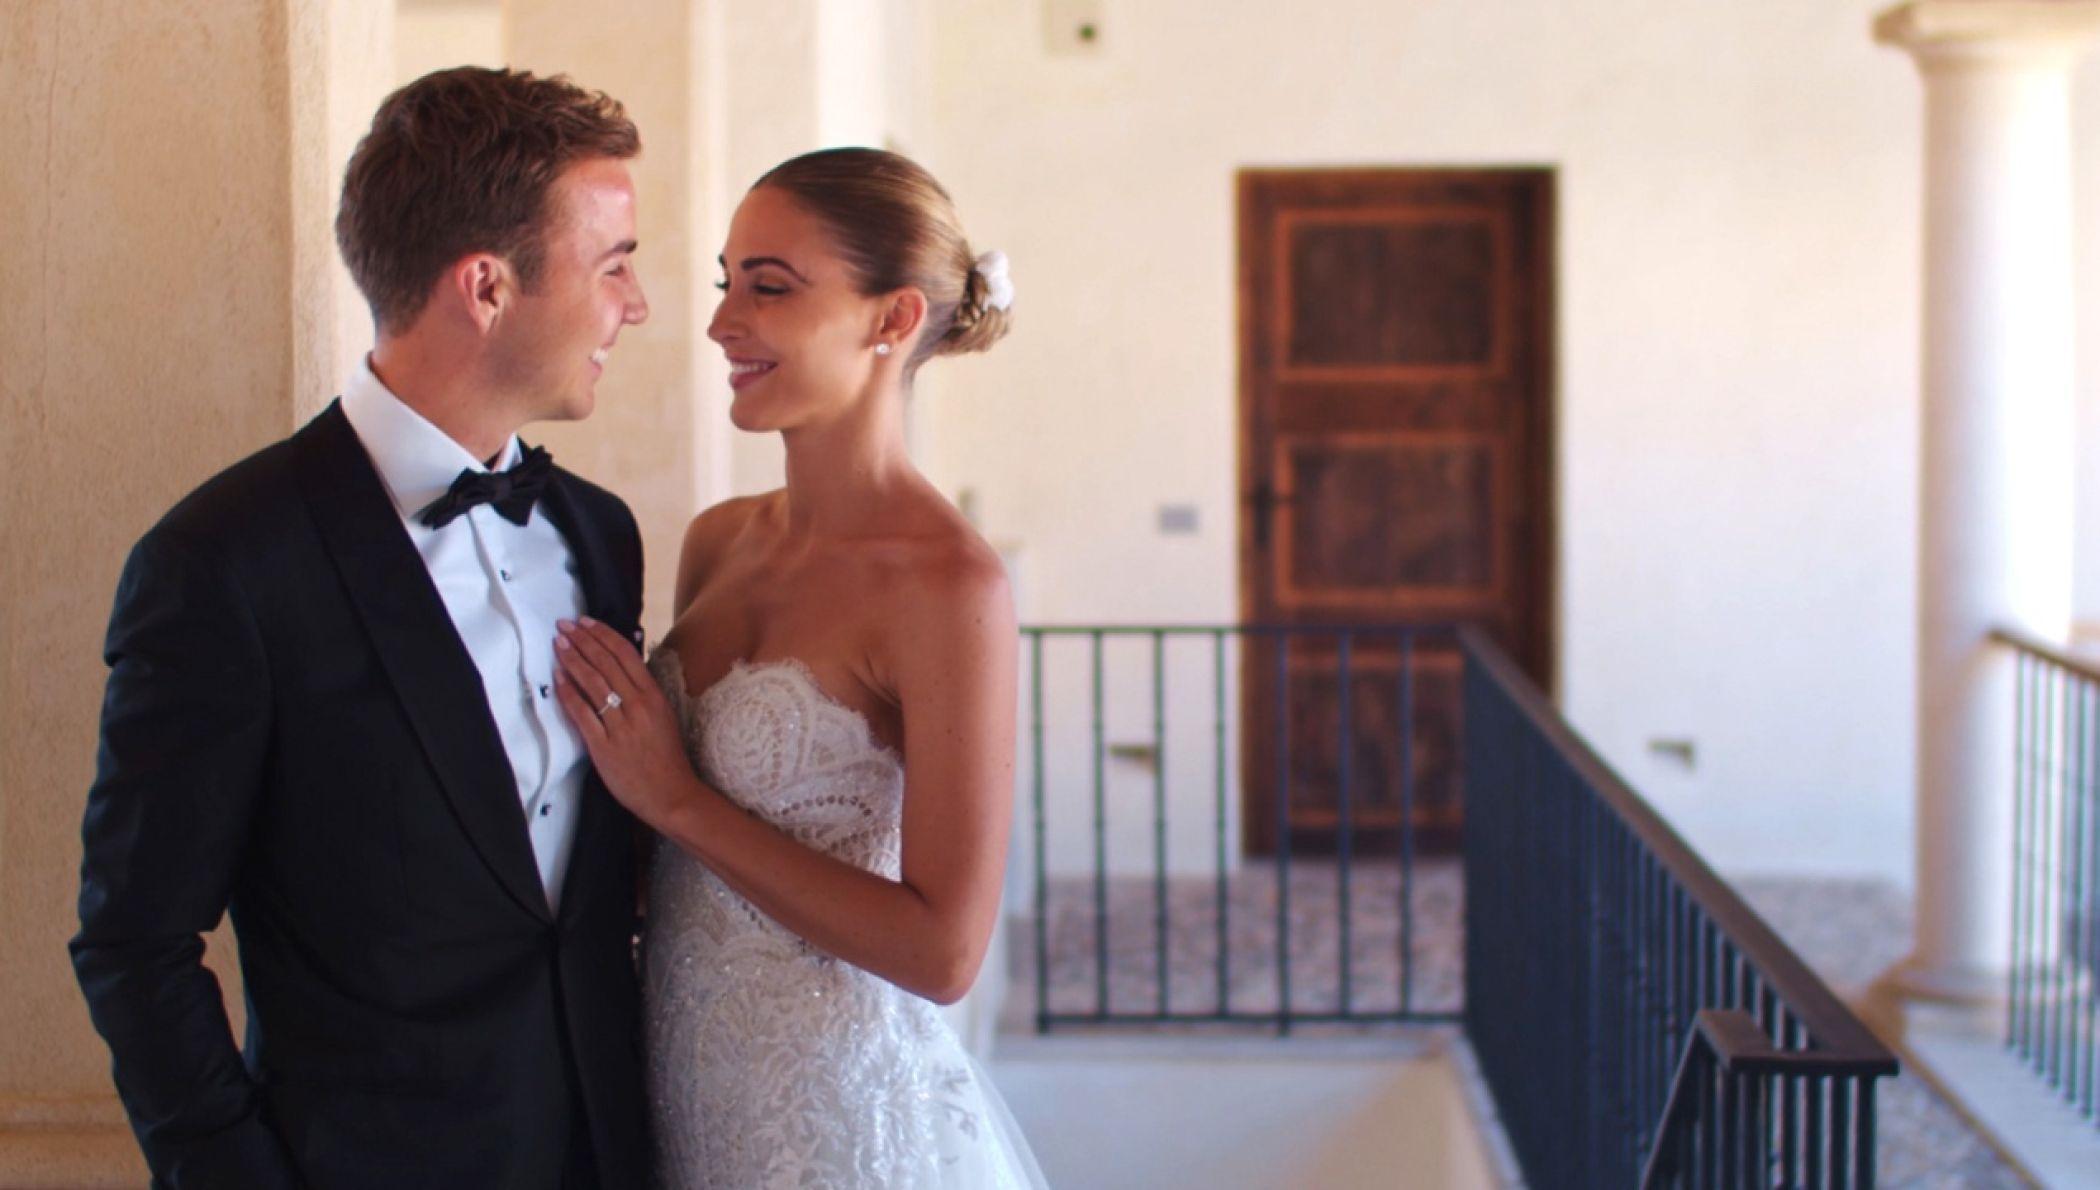 Ann Kathrin Mario Gotze Heisse Kusse Temperamentvolle Tanzeinlagen Das Ist Ihr Offizielles Hochzeitsvideo Hochzeitsvideos Kleid Hochzeit Tragerloses Hochzeitskleid